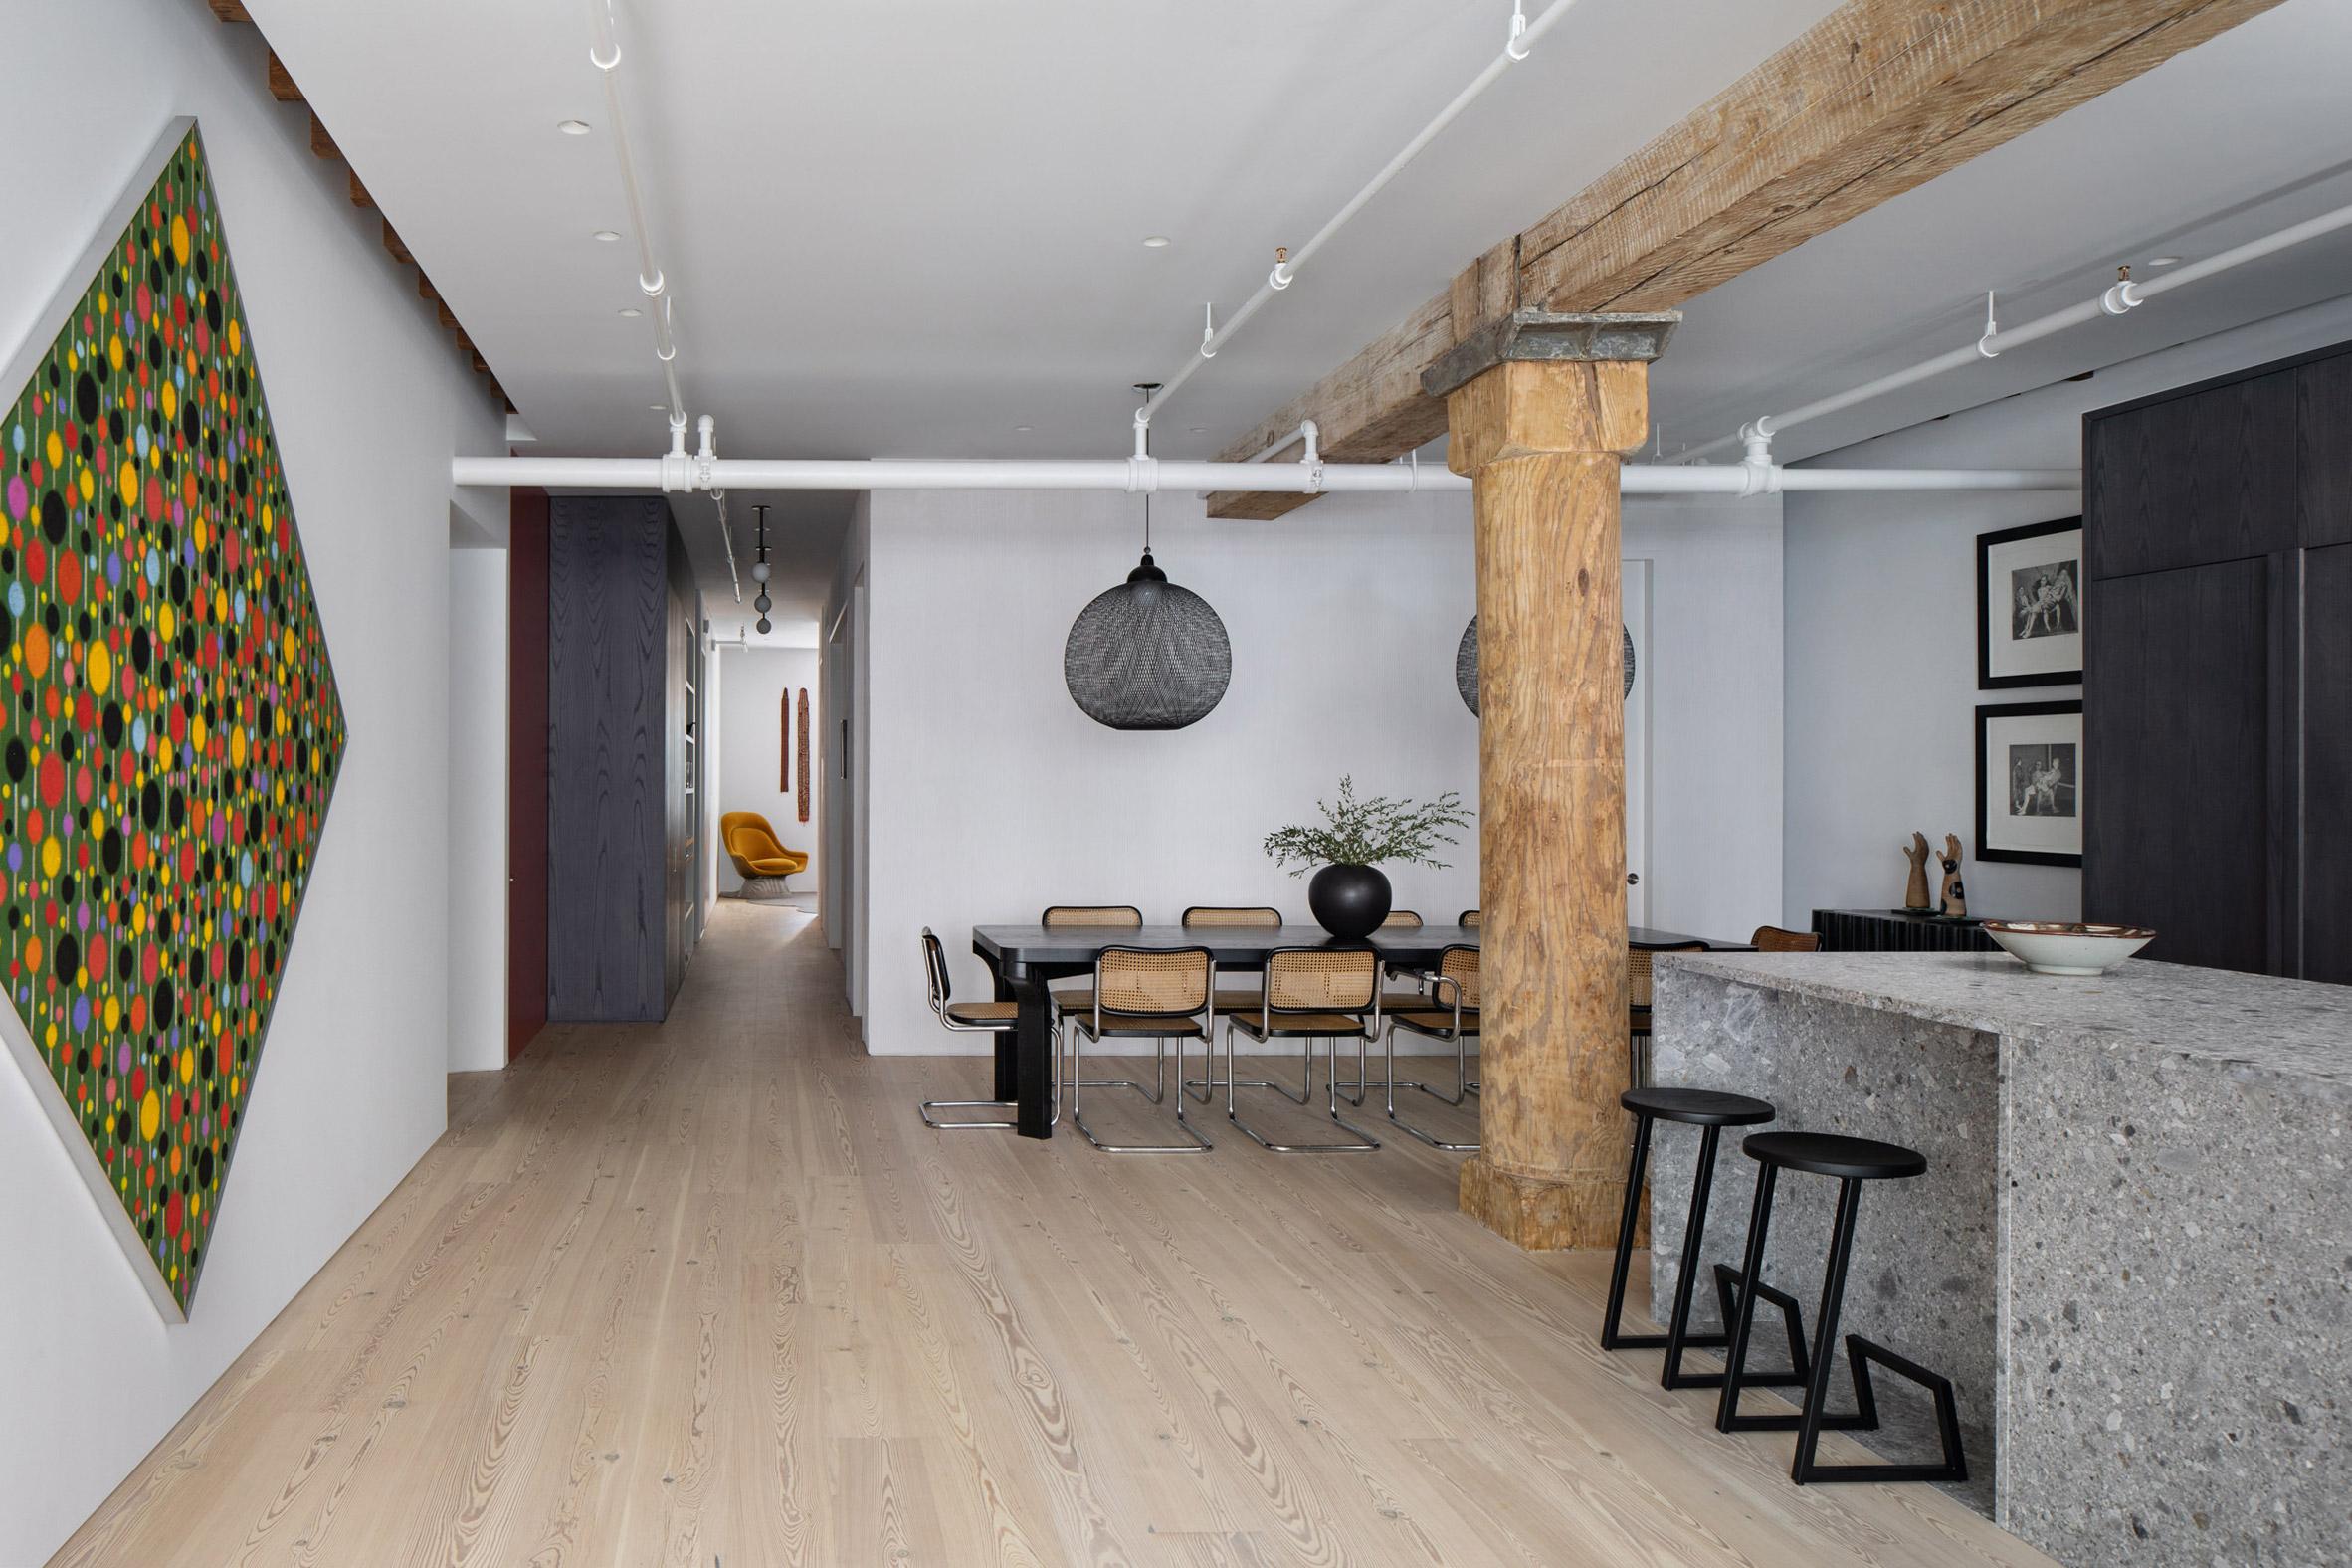 Kết hợp Gỗ và Đá Cẩm Thạch trong thiết kế kiến trúc nội thất 1